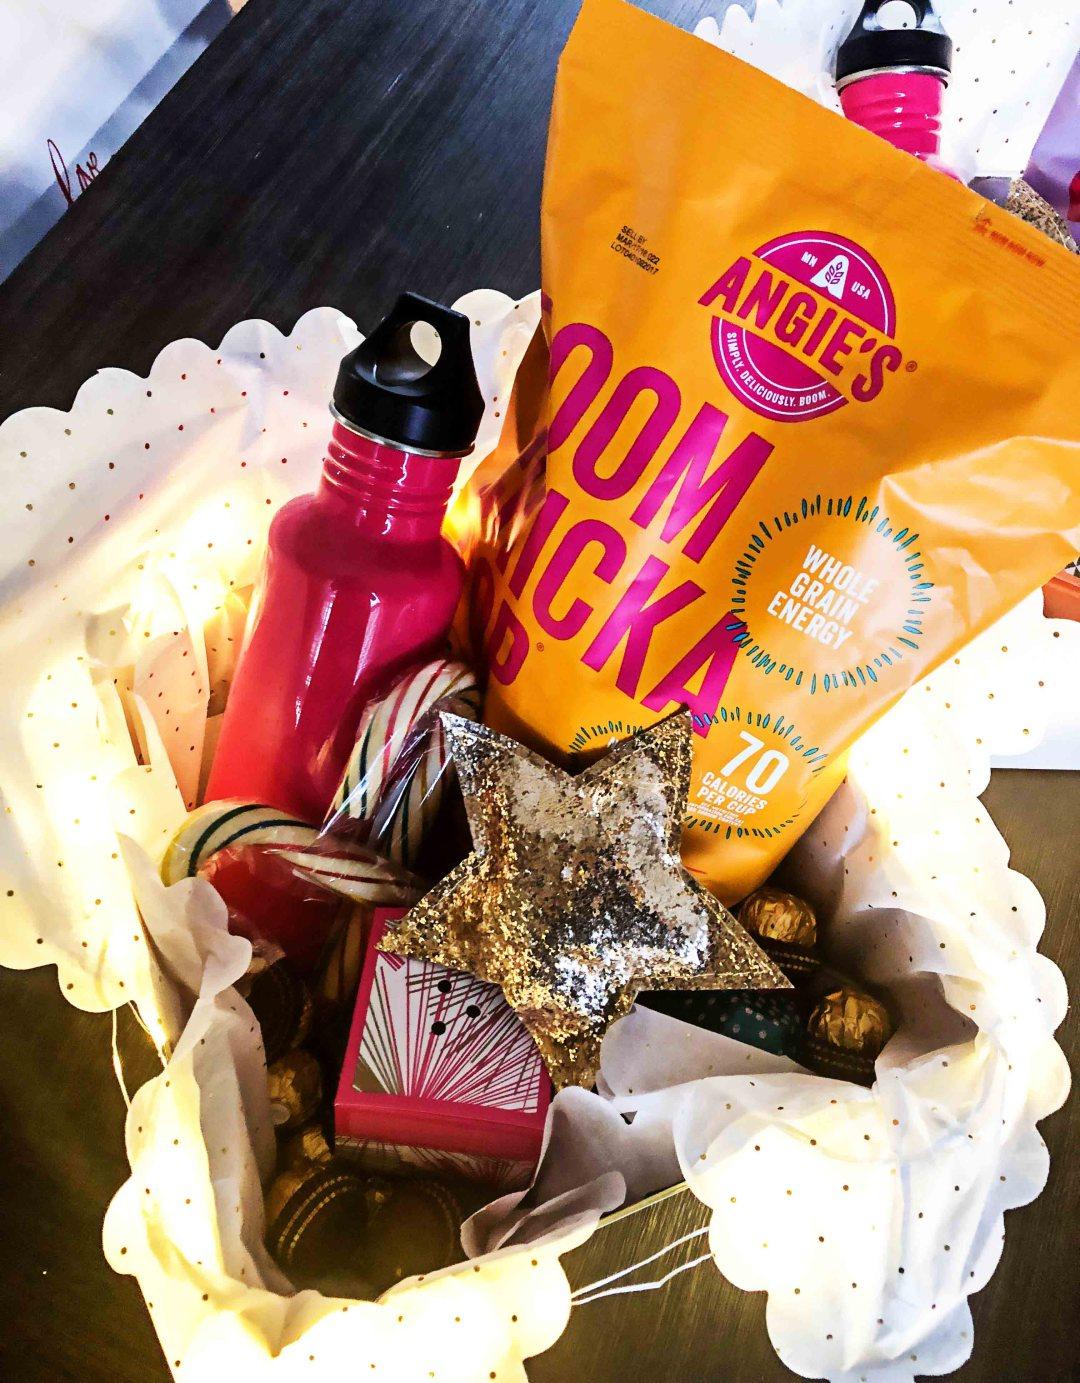 Holiday Hostess/Teacher Gift Ideas by Atlanta mom blogger Happily Hughes